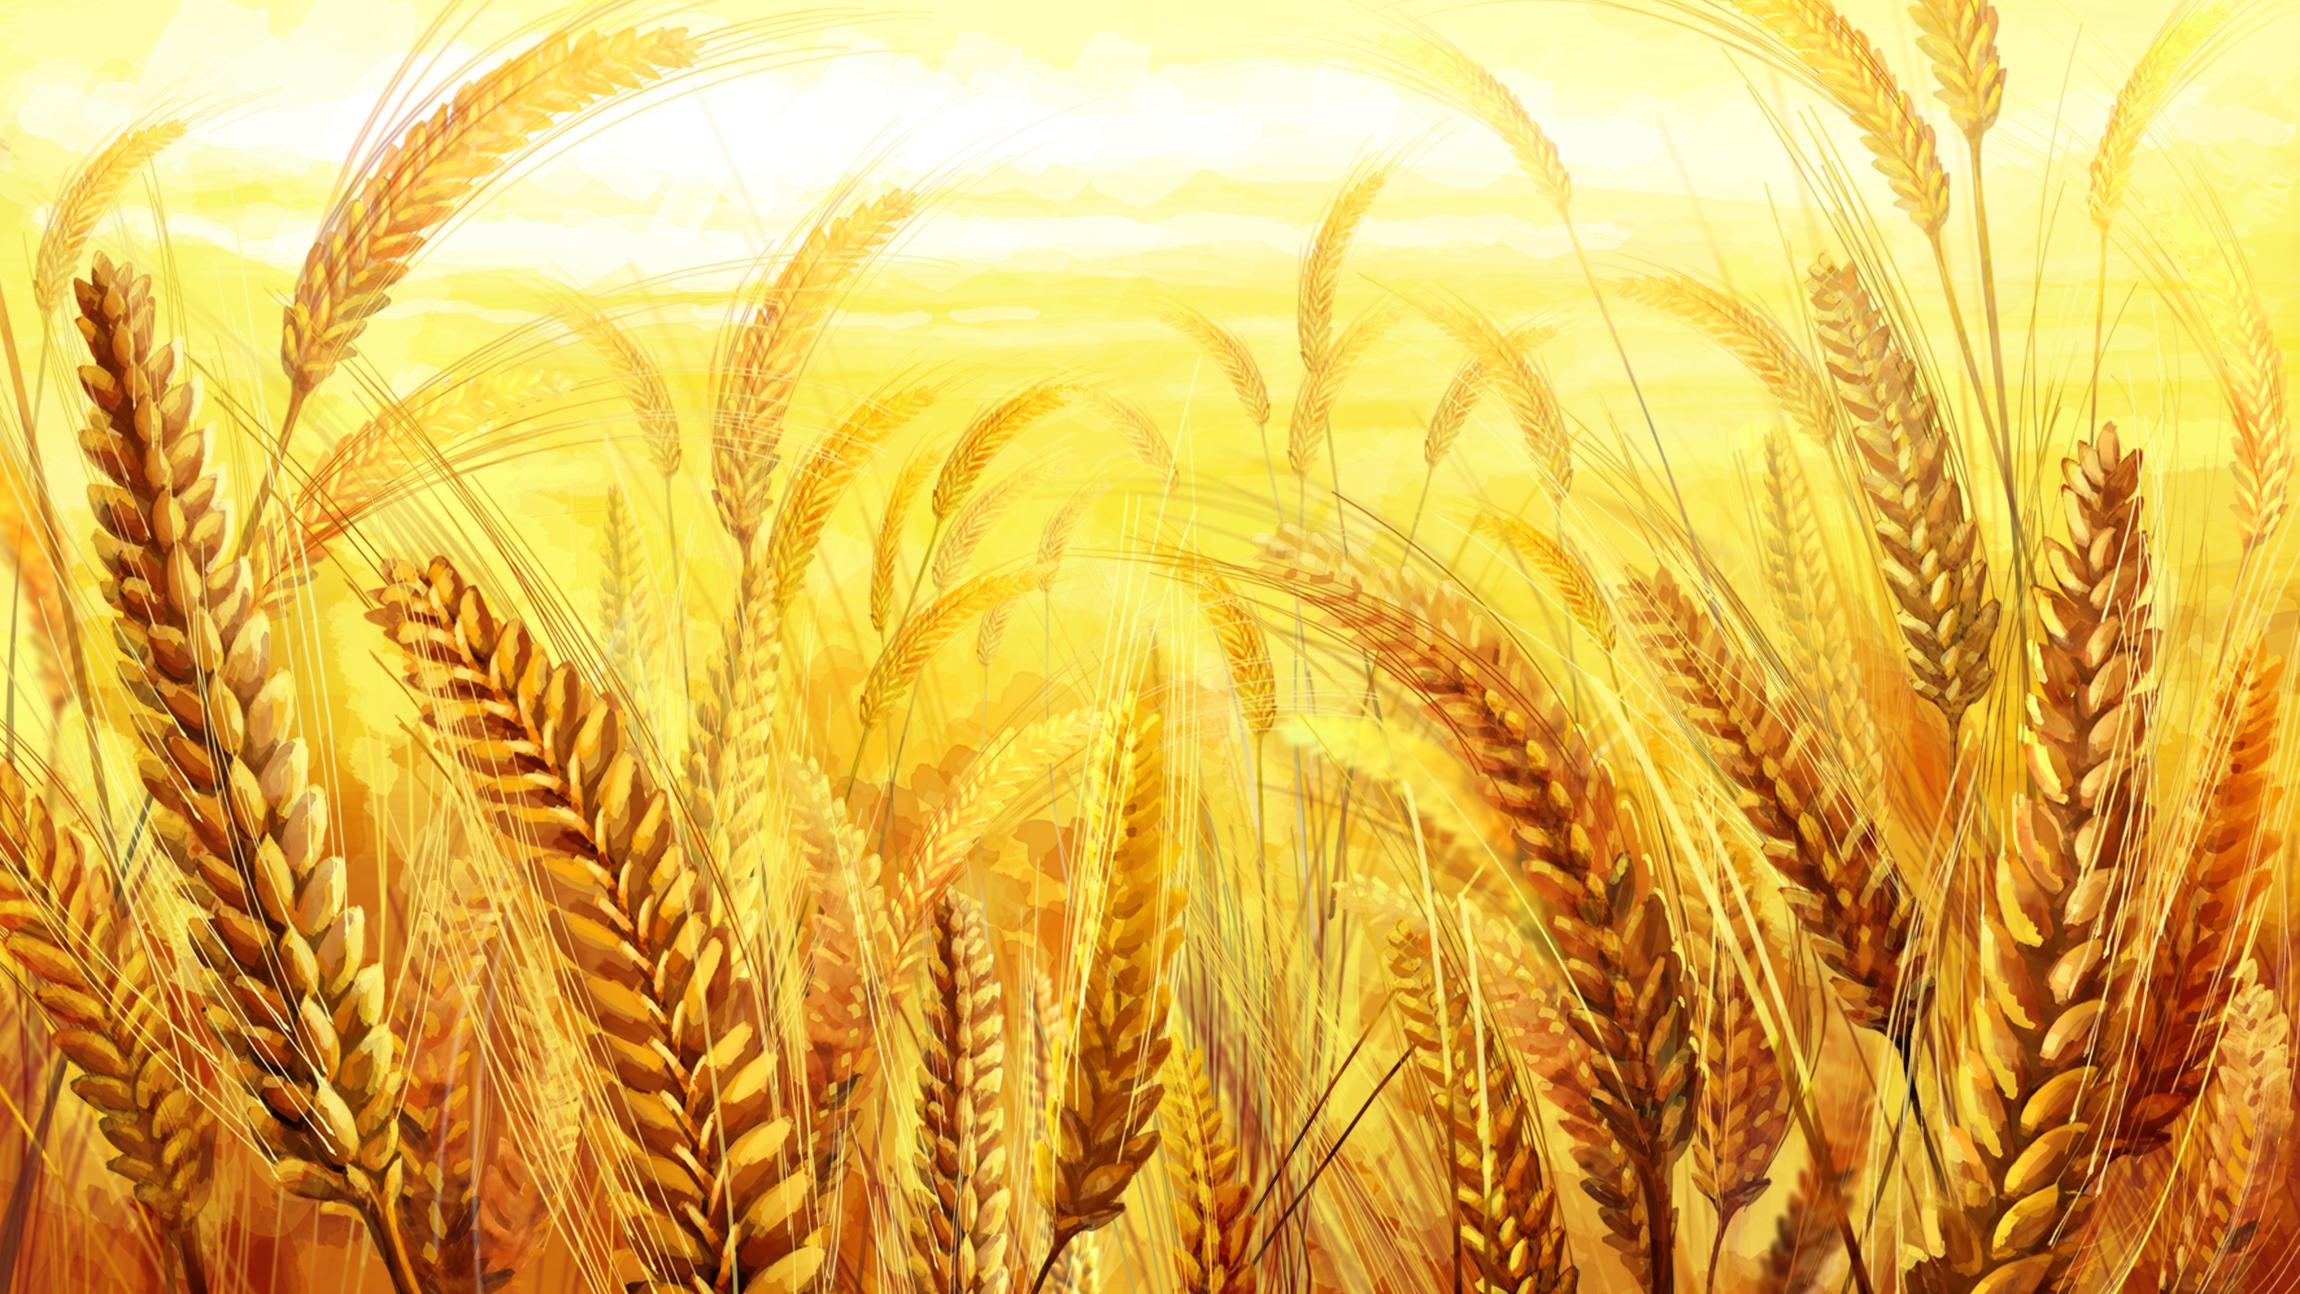 les champs de bl u00e9 l automne champ de bl u00e9 aux image de fond